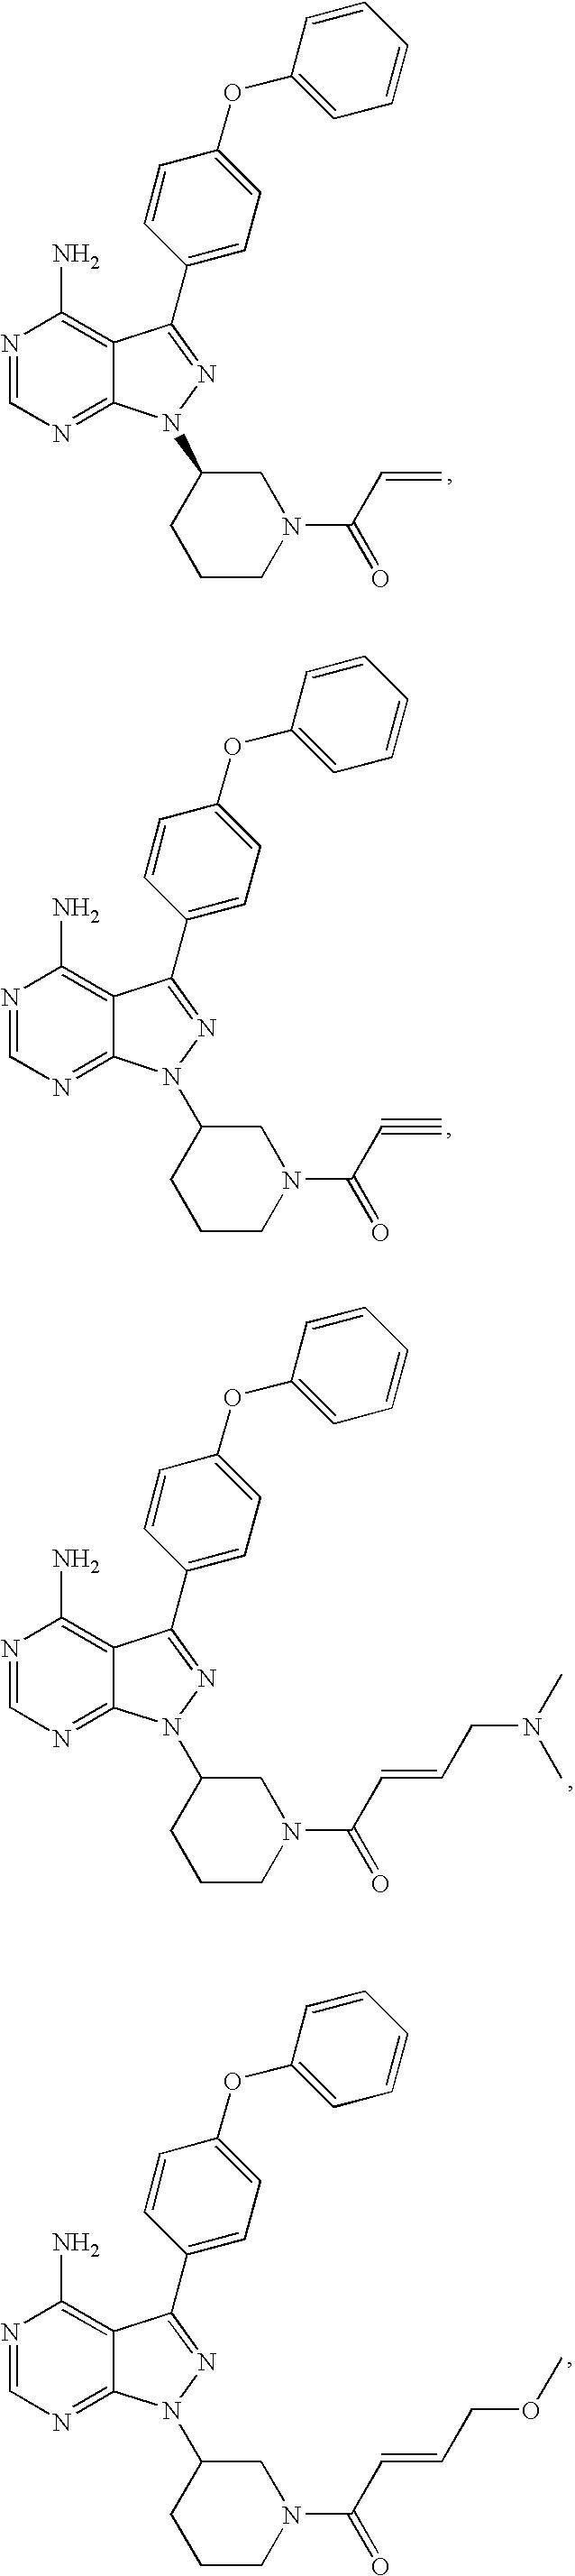 Figure US07514444-20090407-C00057